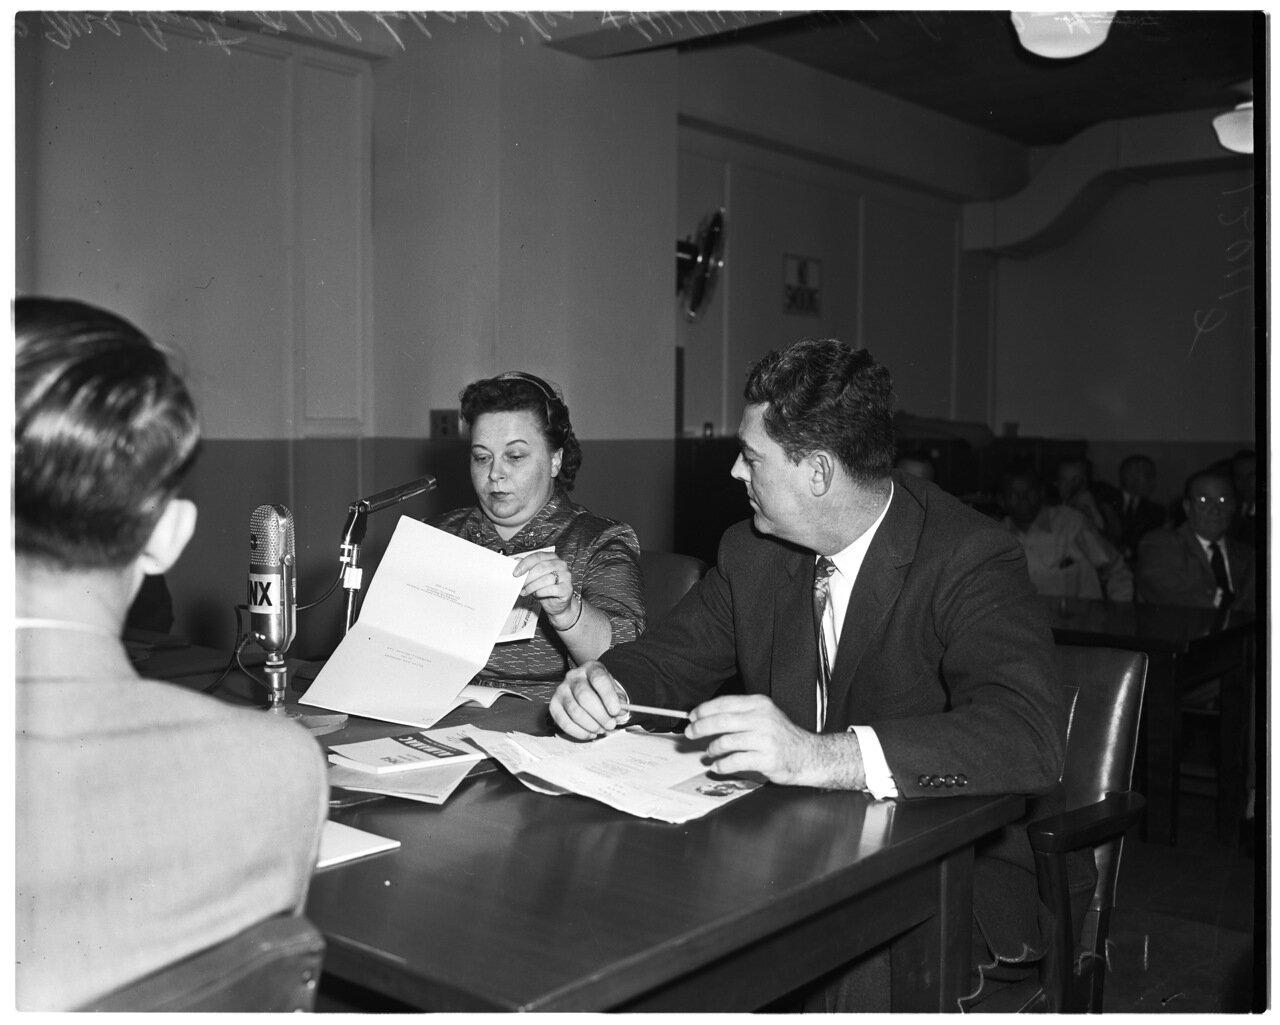 1956 года. 7 декабря. Комиссия по расследованию антиамериканской деятельности. Г-жа Анита Белл Шнайдер идентифицирует газету Коммунистической партии как подрывную литературу Уильяму Уилеру, следователю Комитета